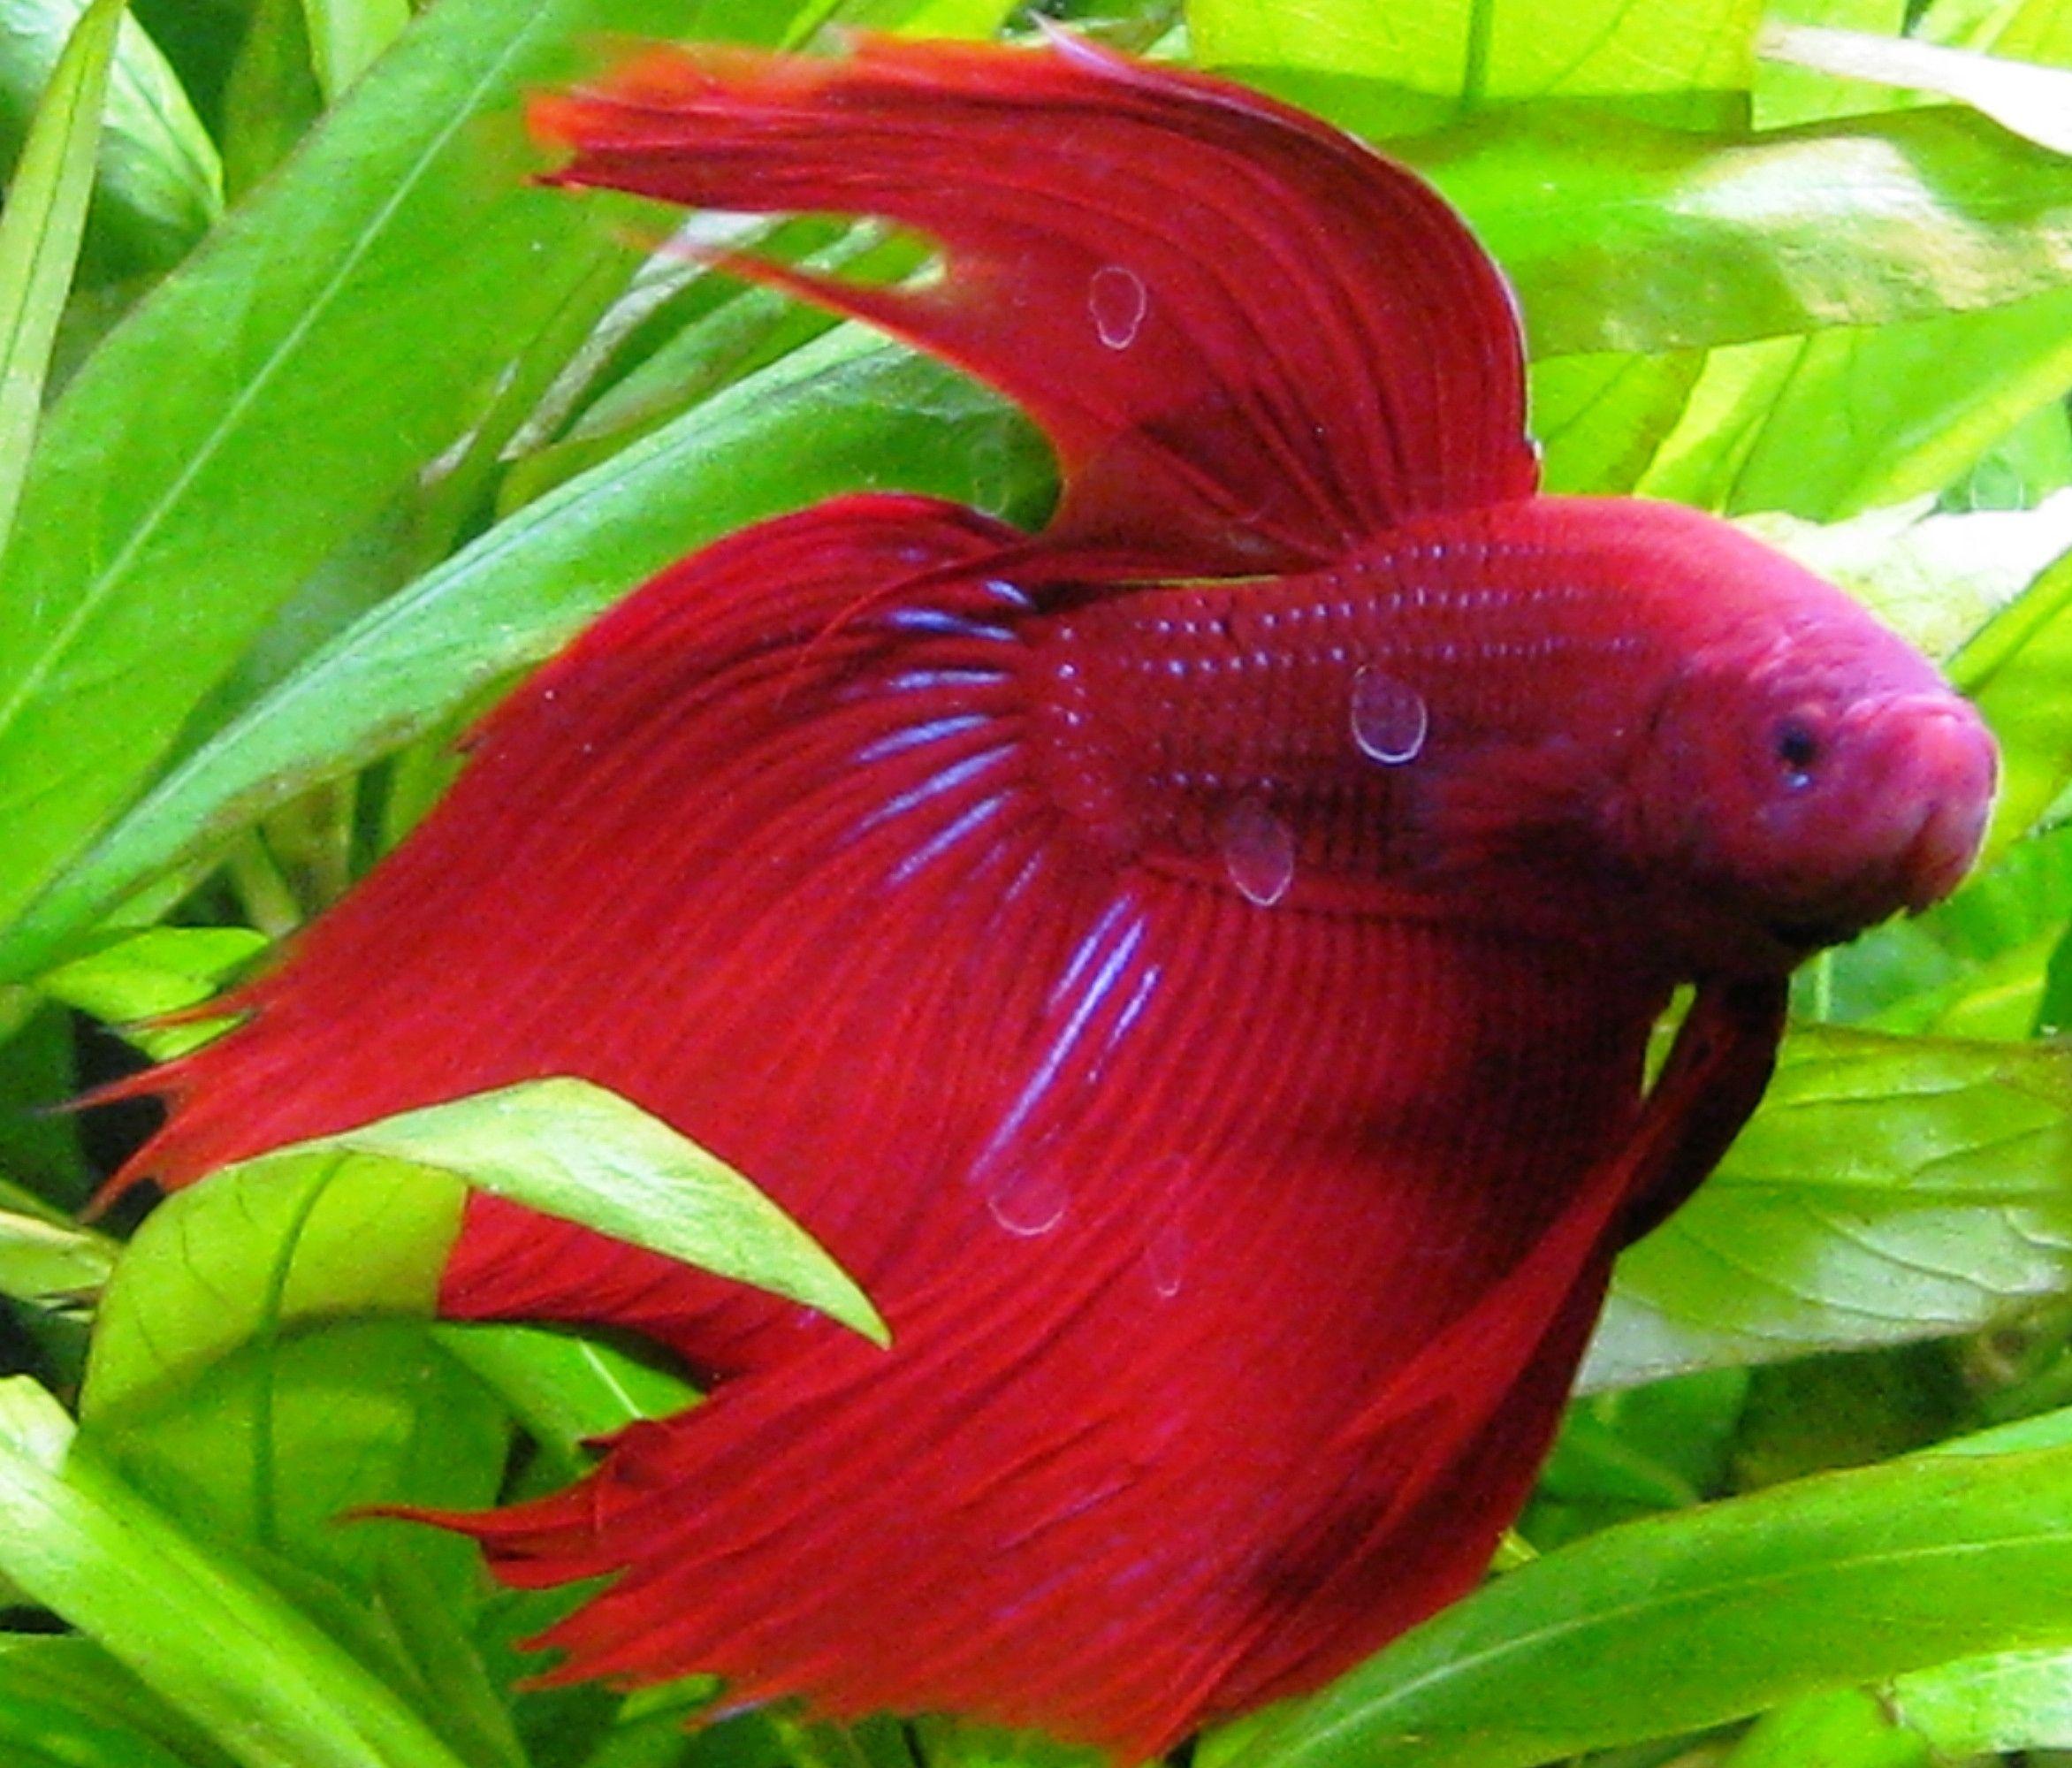 Red Fish Wallpaper - WallpaperSafari